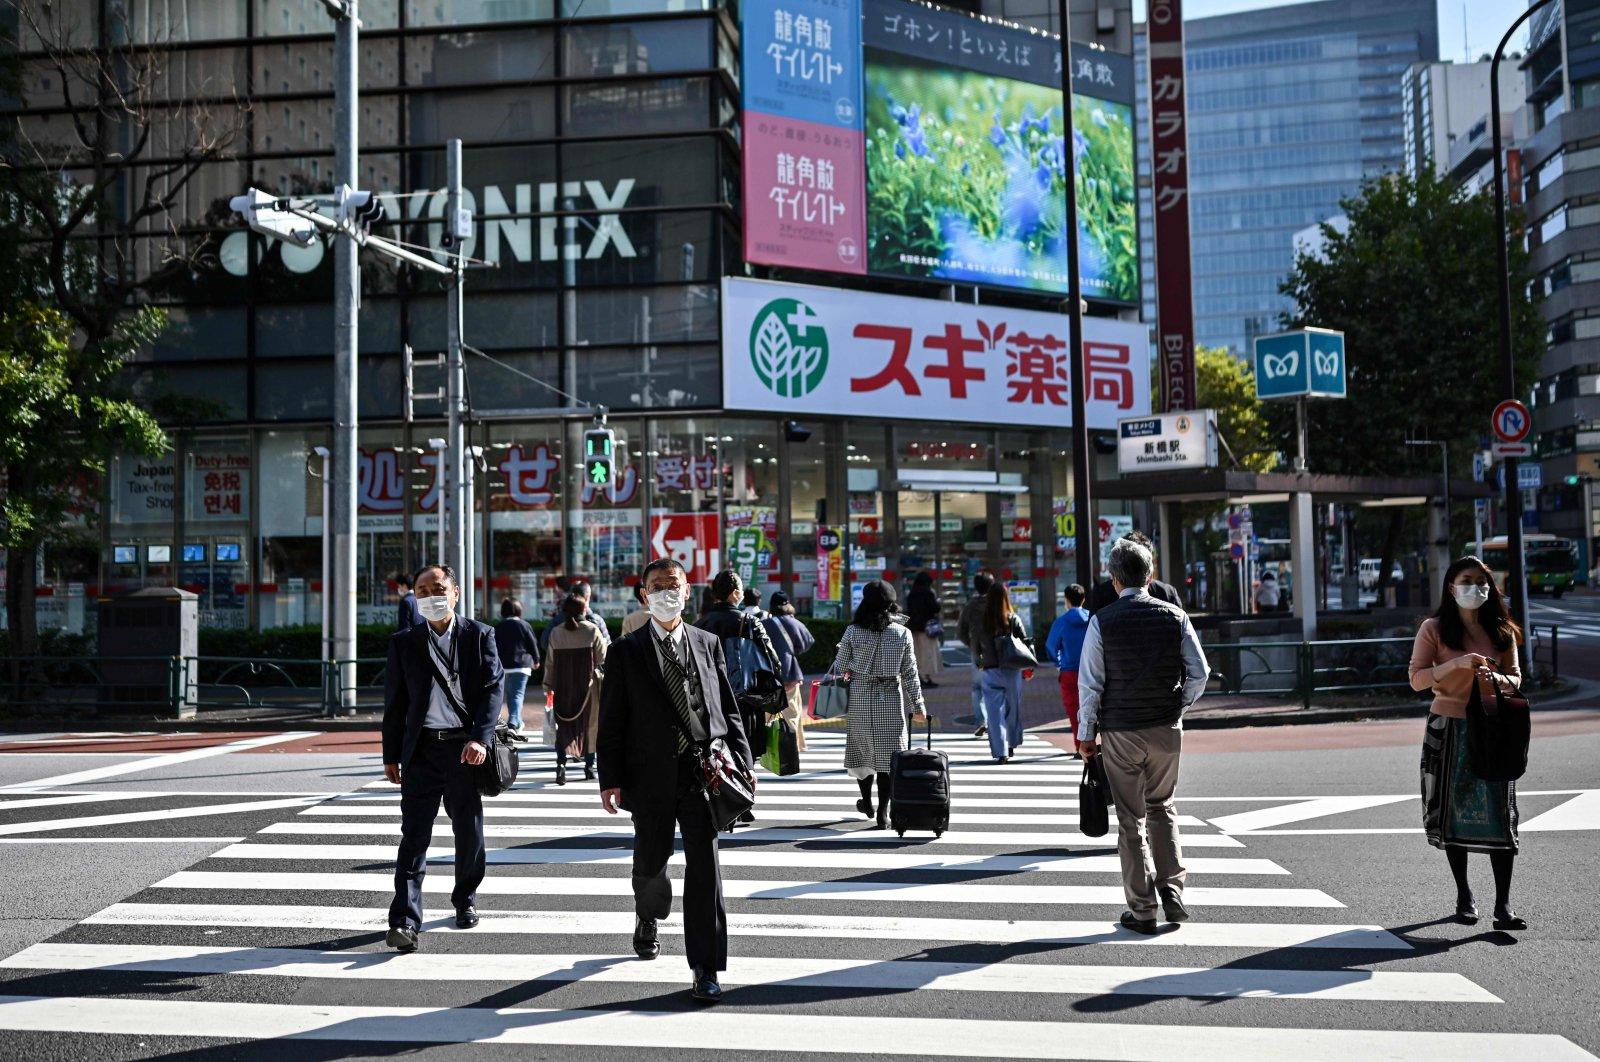 People walk on a pedestrian crossing in Tokyo, Japan, Nov. 16, 2020. (AFP Photo)